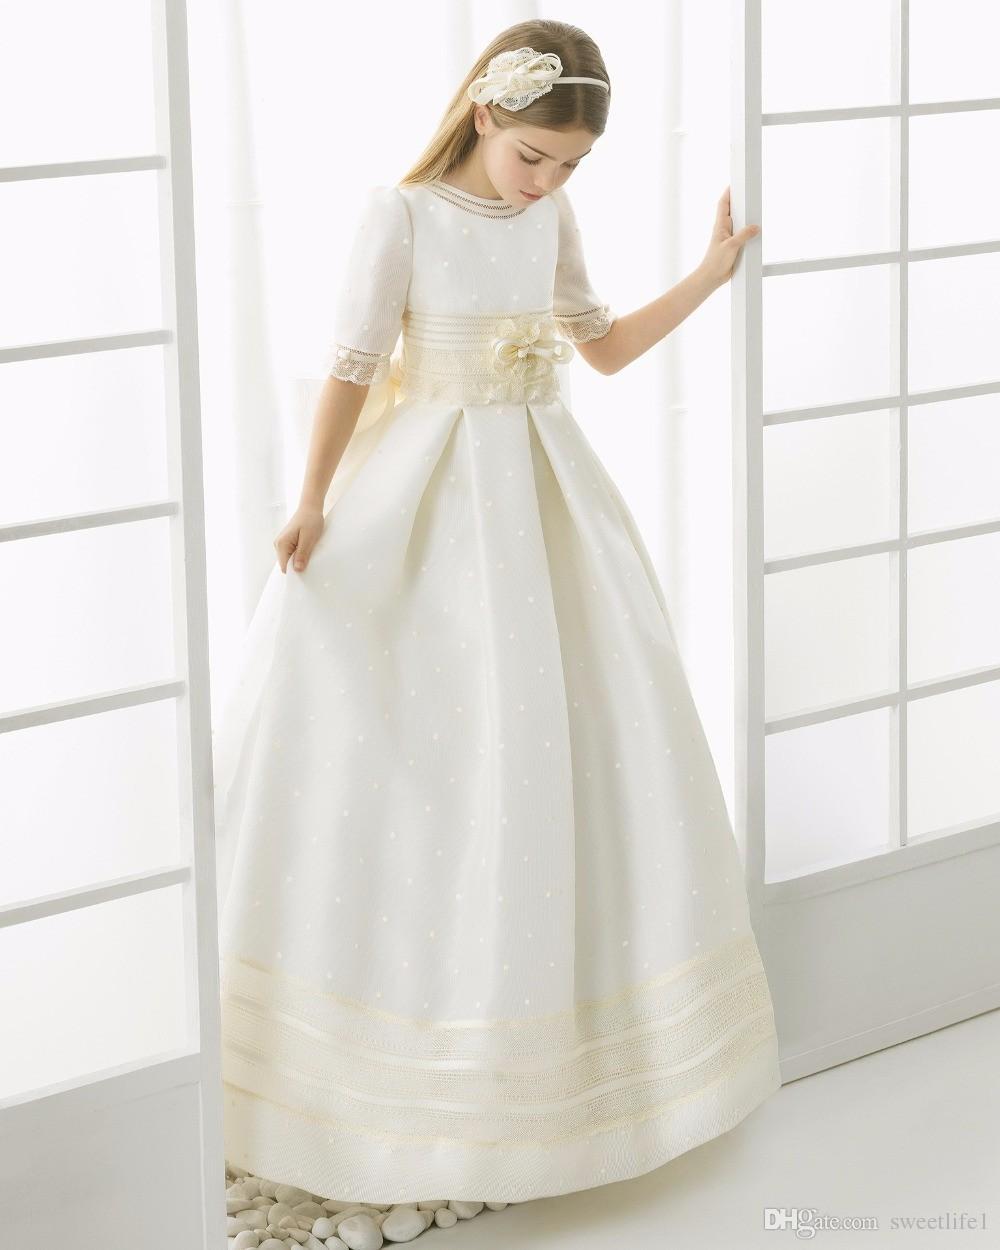 2019 Kızlar Için İlk Communion Elbiseler Saten Dantel Balo Kıyafeti Yarım Kollu Çiçek Kız Elbise Düğün Kızlar Pageant Elbiseler Için